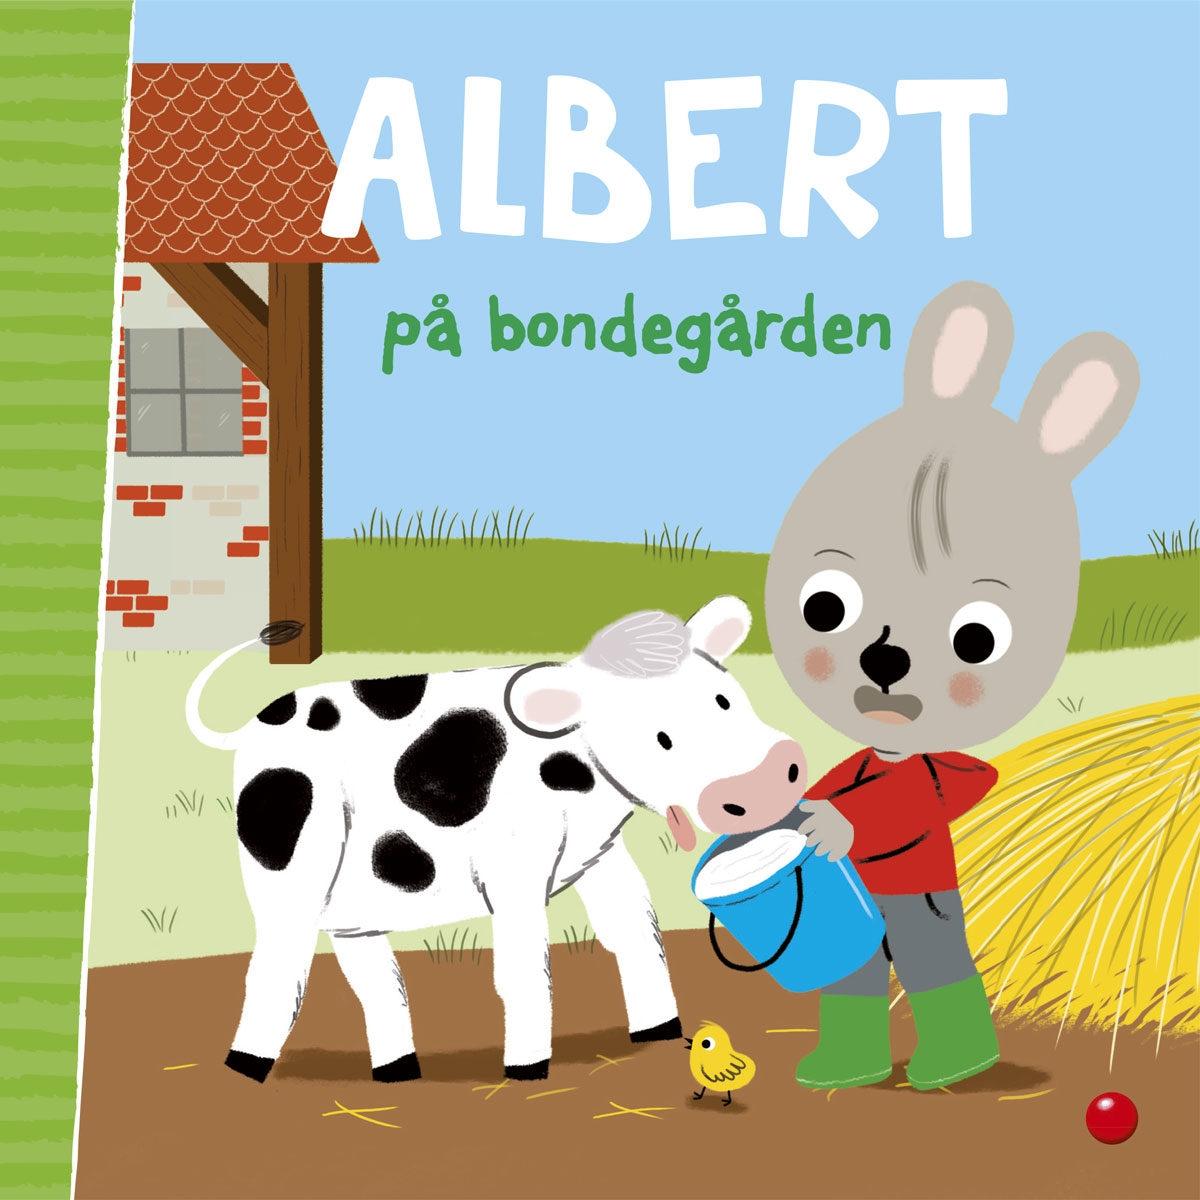 Albert på bondegården